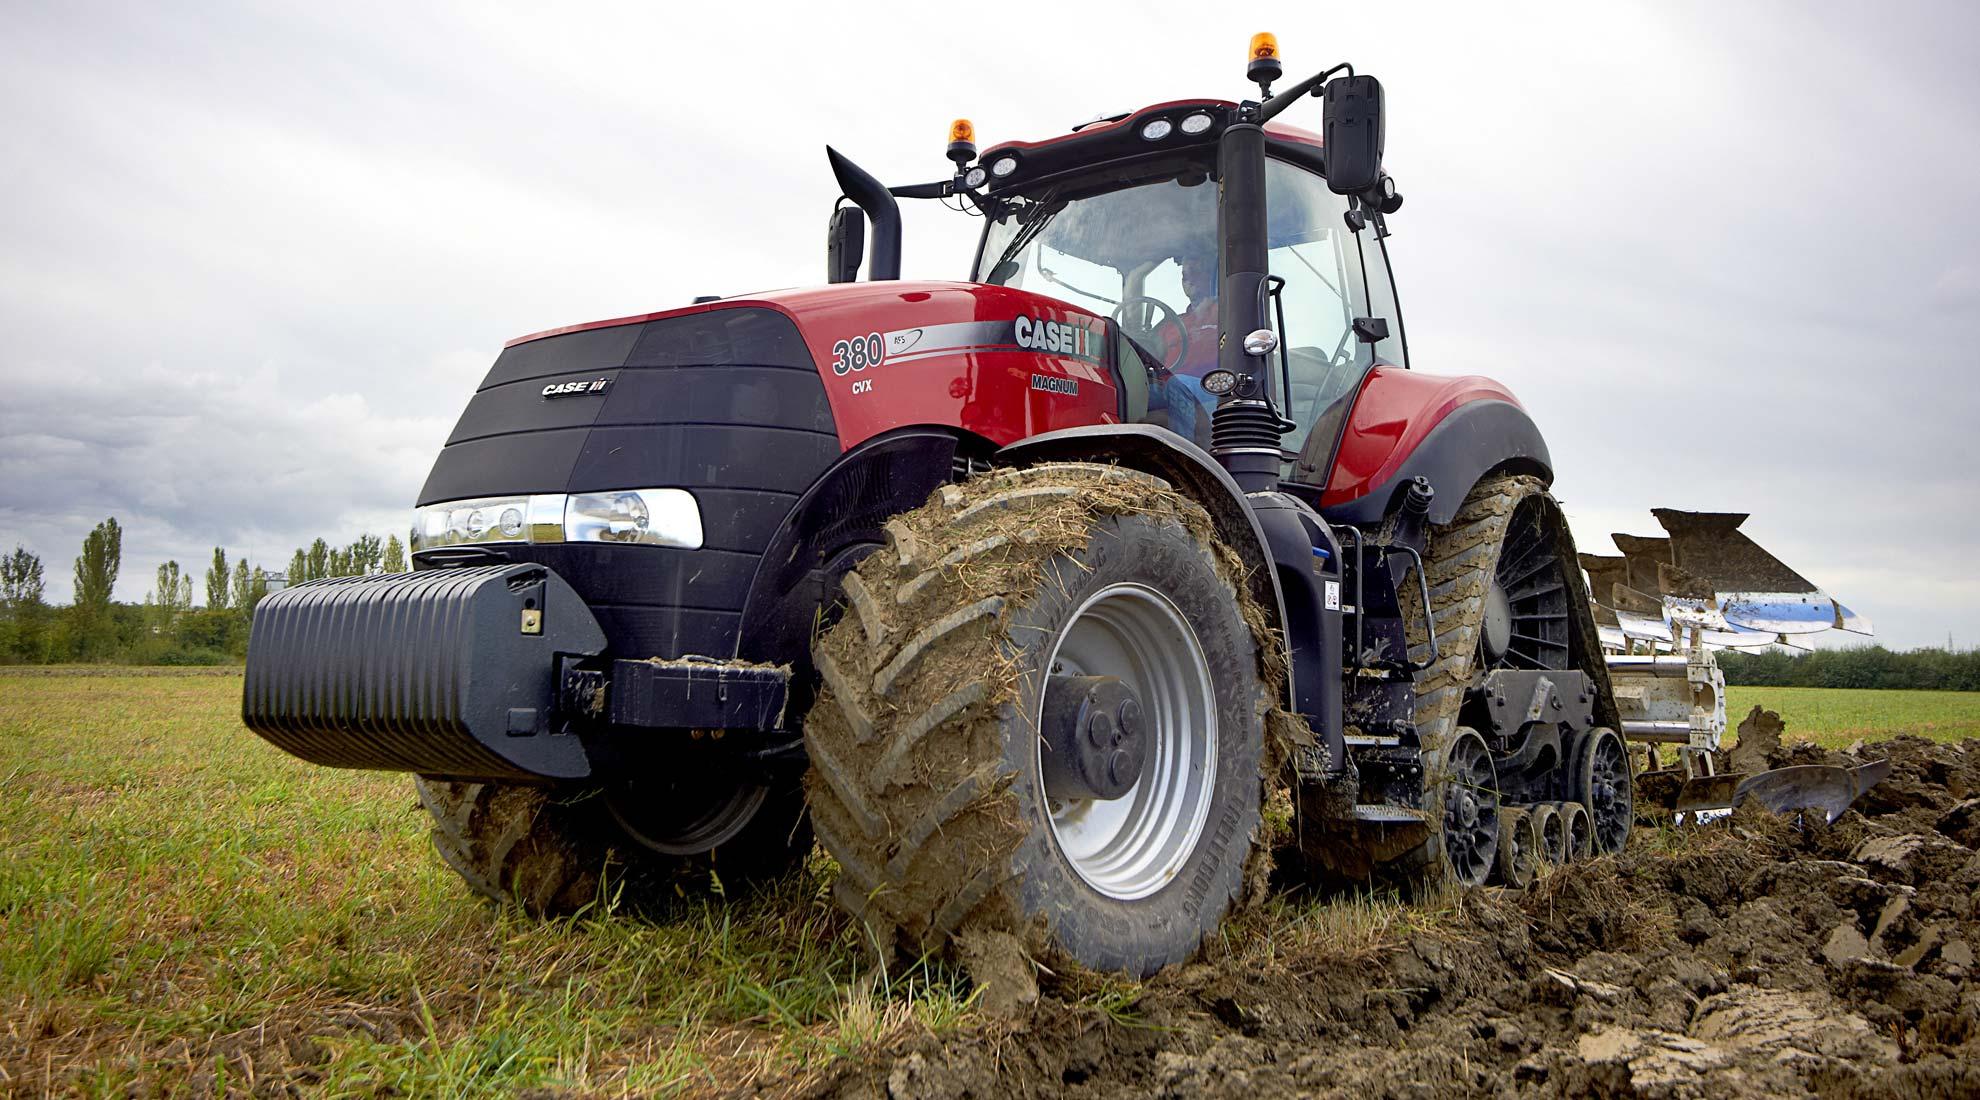 caseih_traktori_magnum_1980 (12)